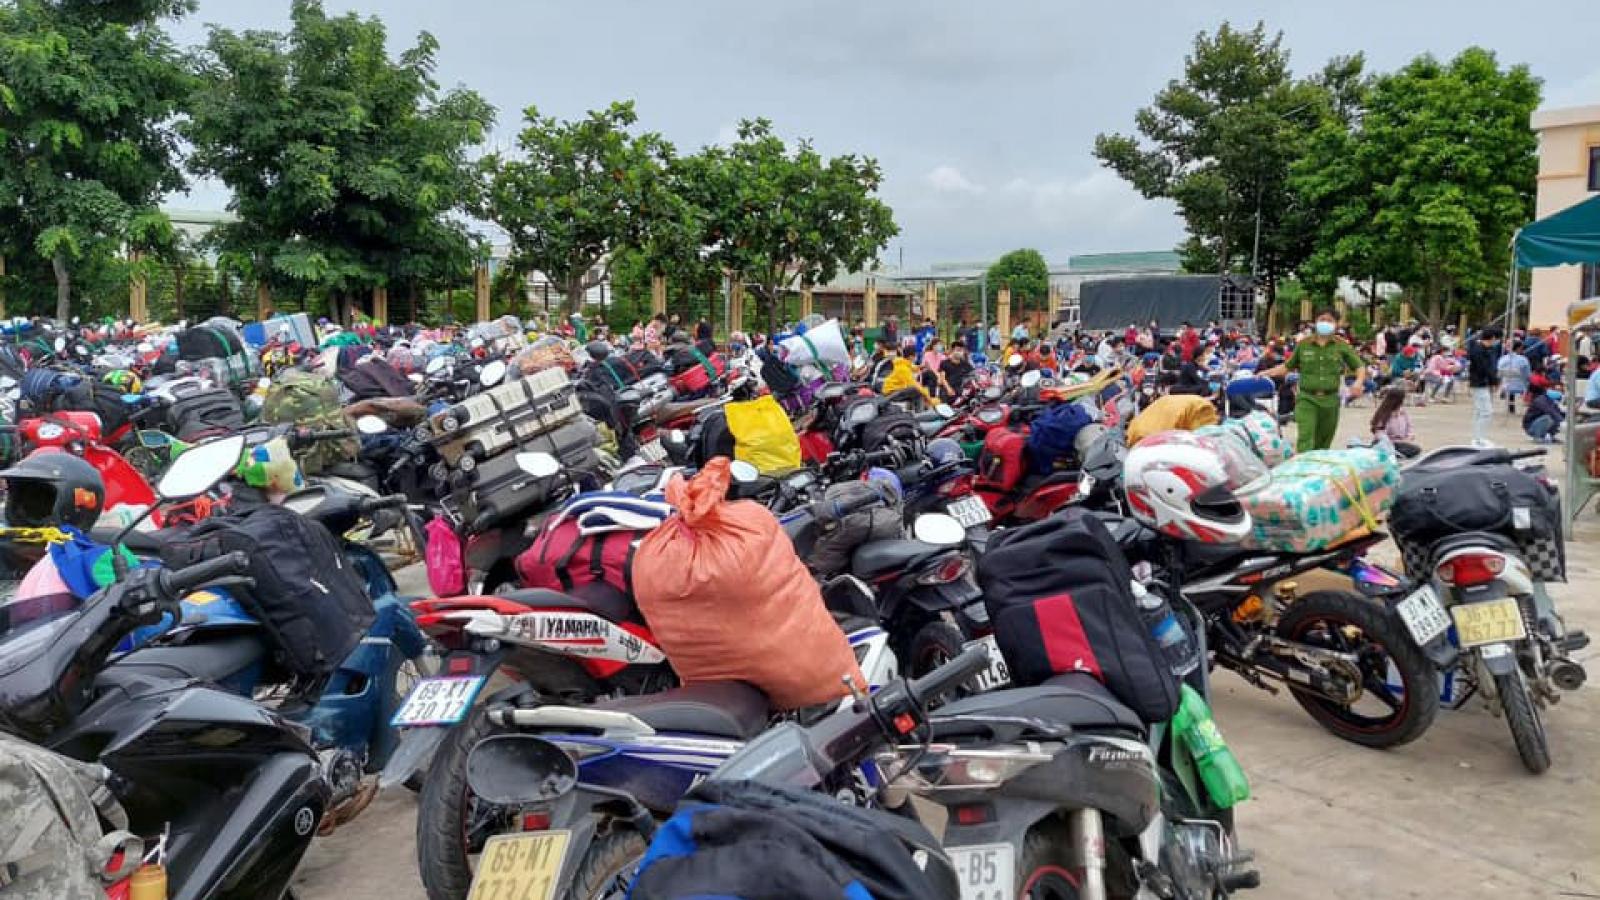 Bình Dương tiếp tục giãn cách xã hội, vận động hàng nghìn người dân trở về nơi cư trú